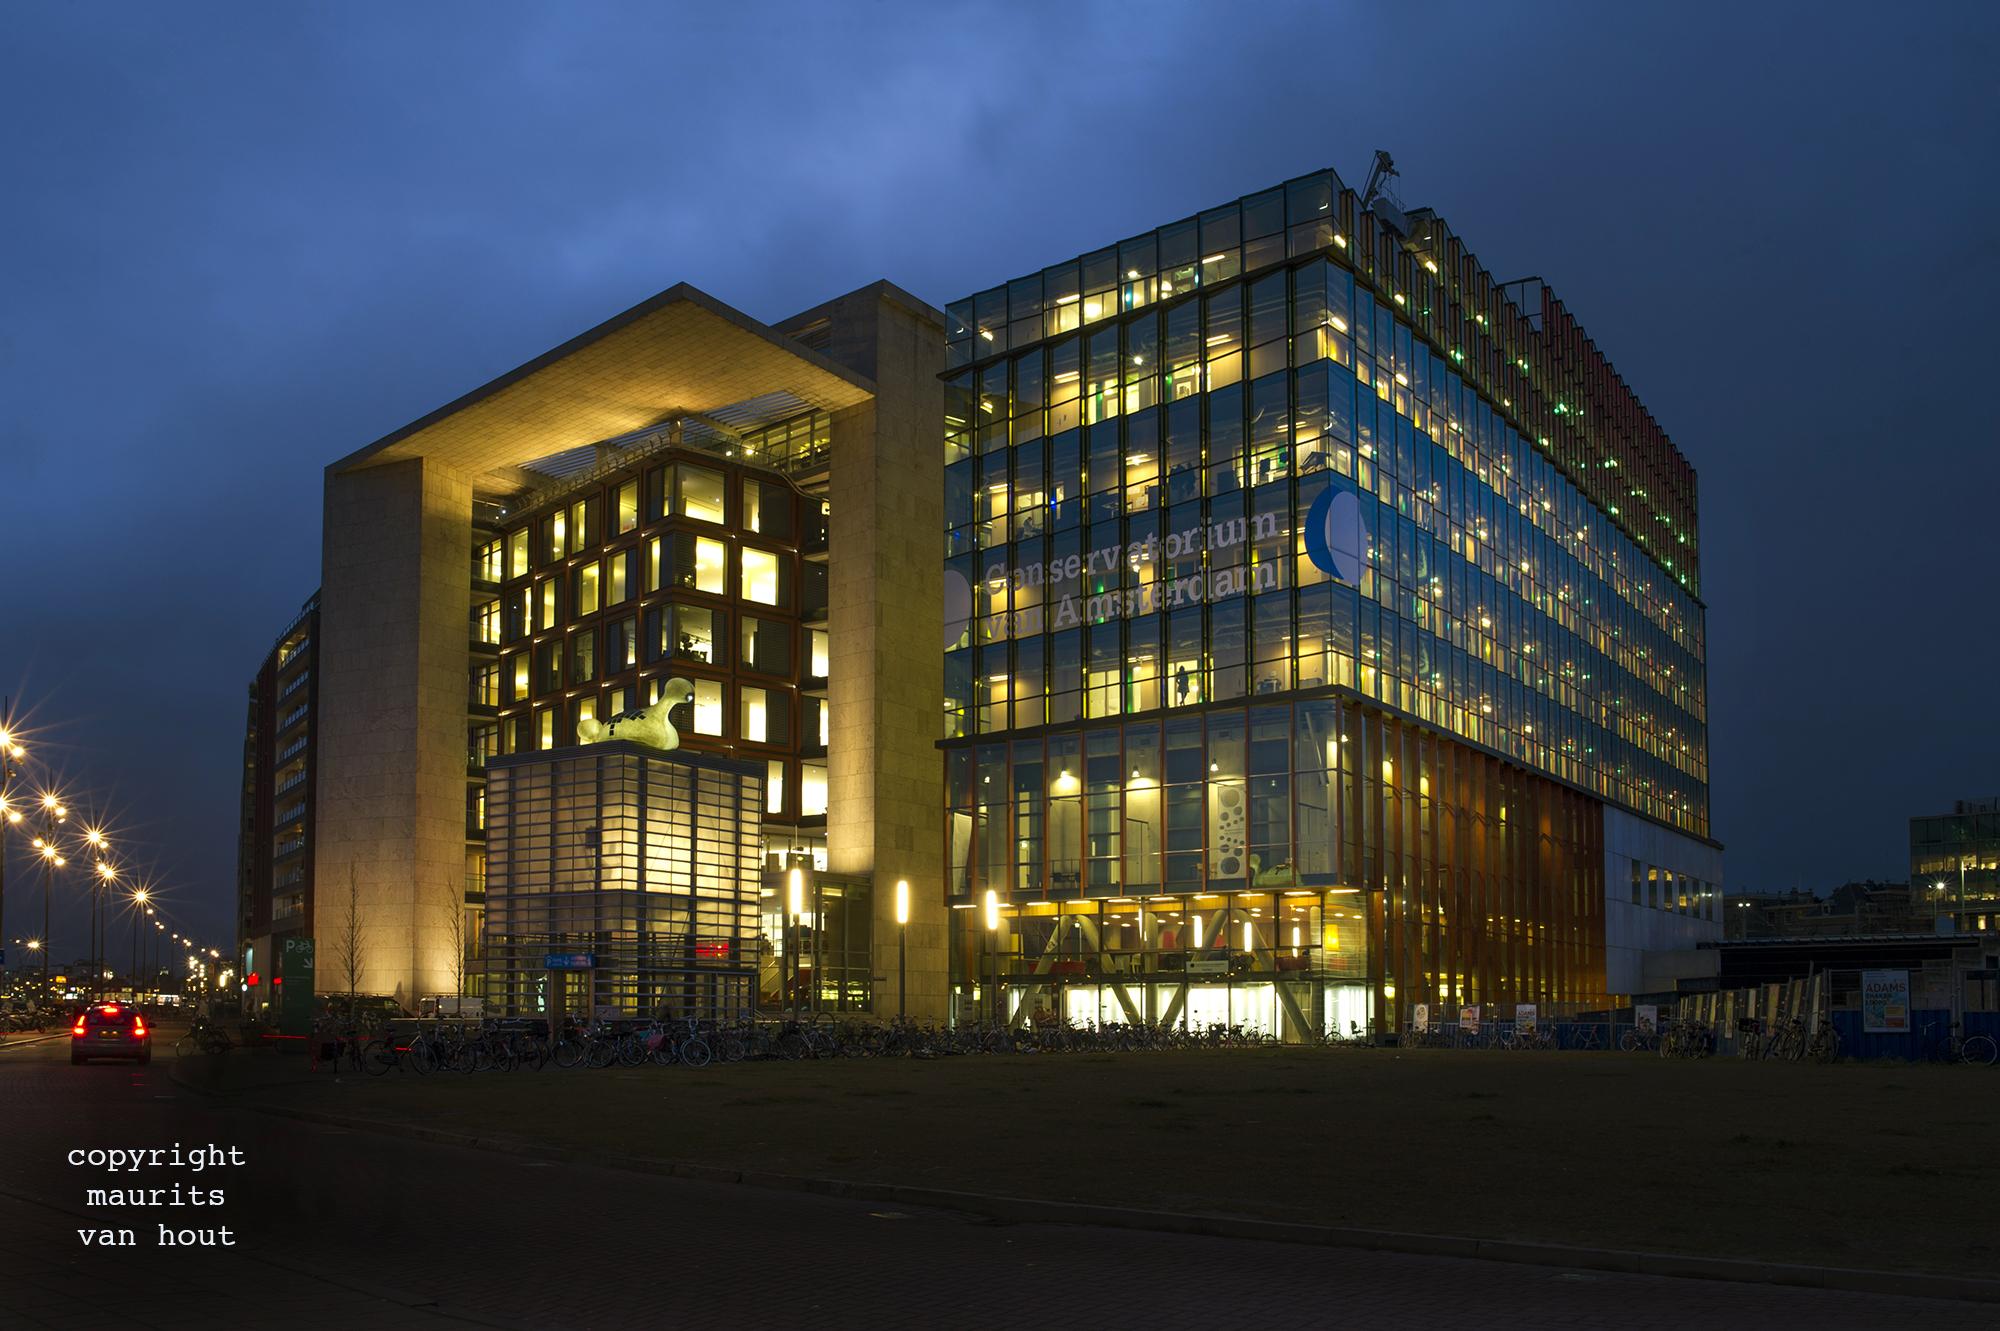 Bibliotheek en conservatorium Amsterdam door architectuurfotograaf Maurits van Hout